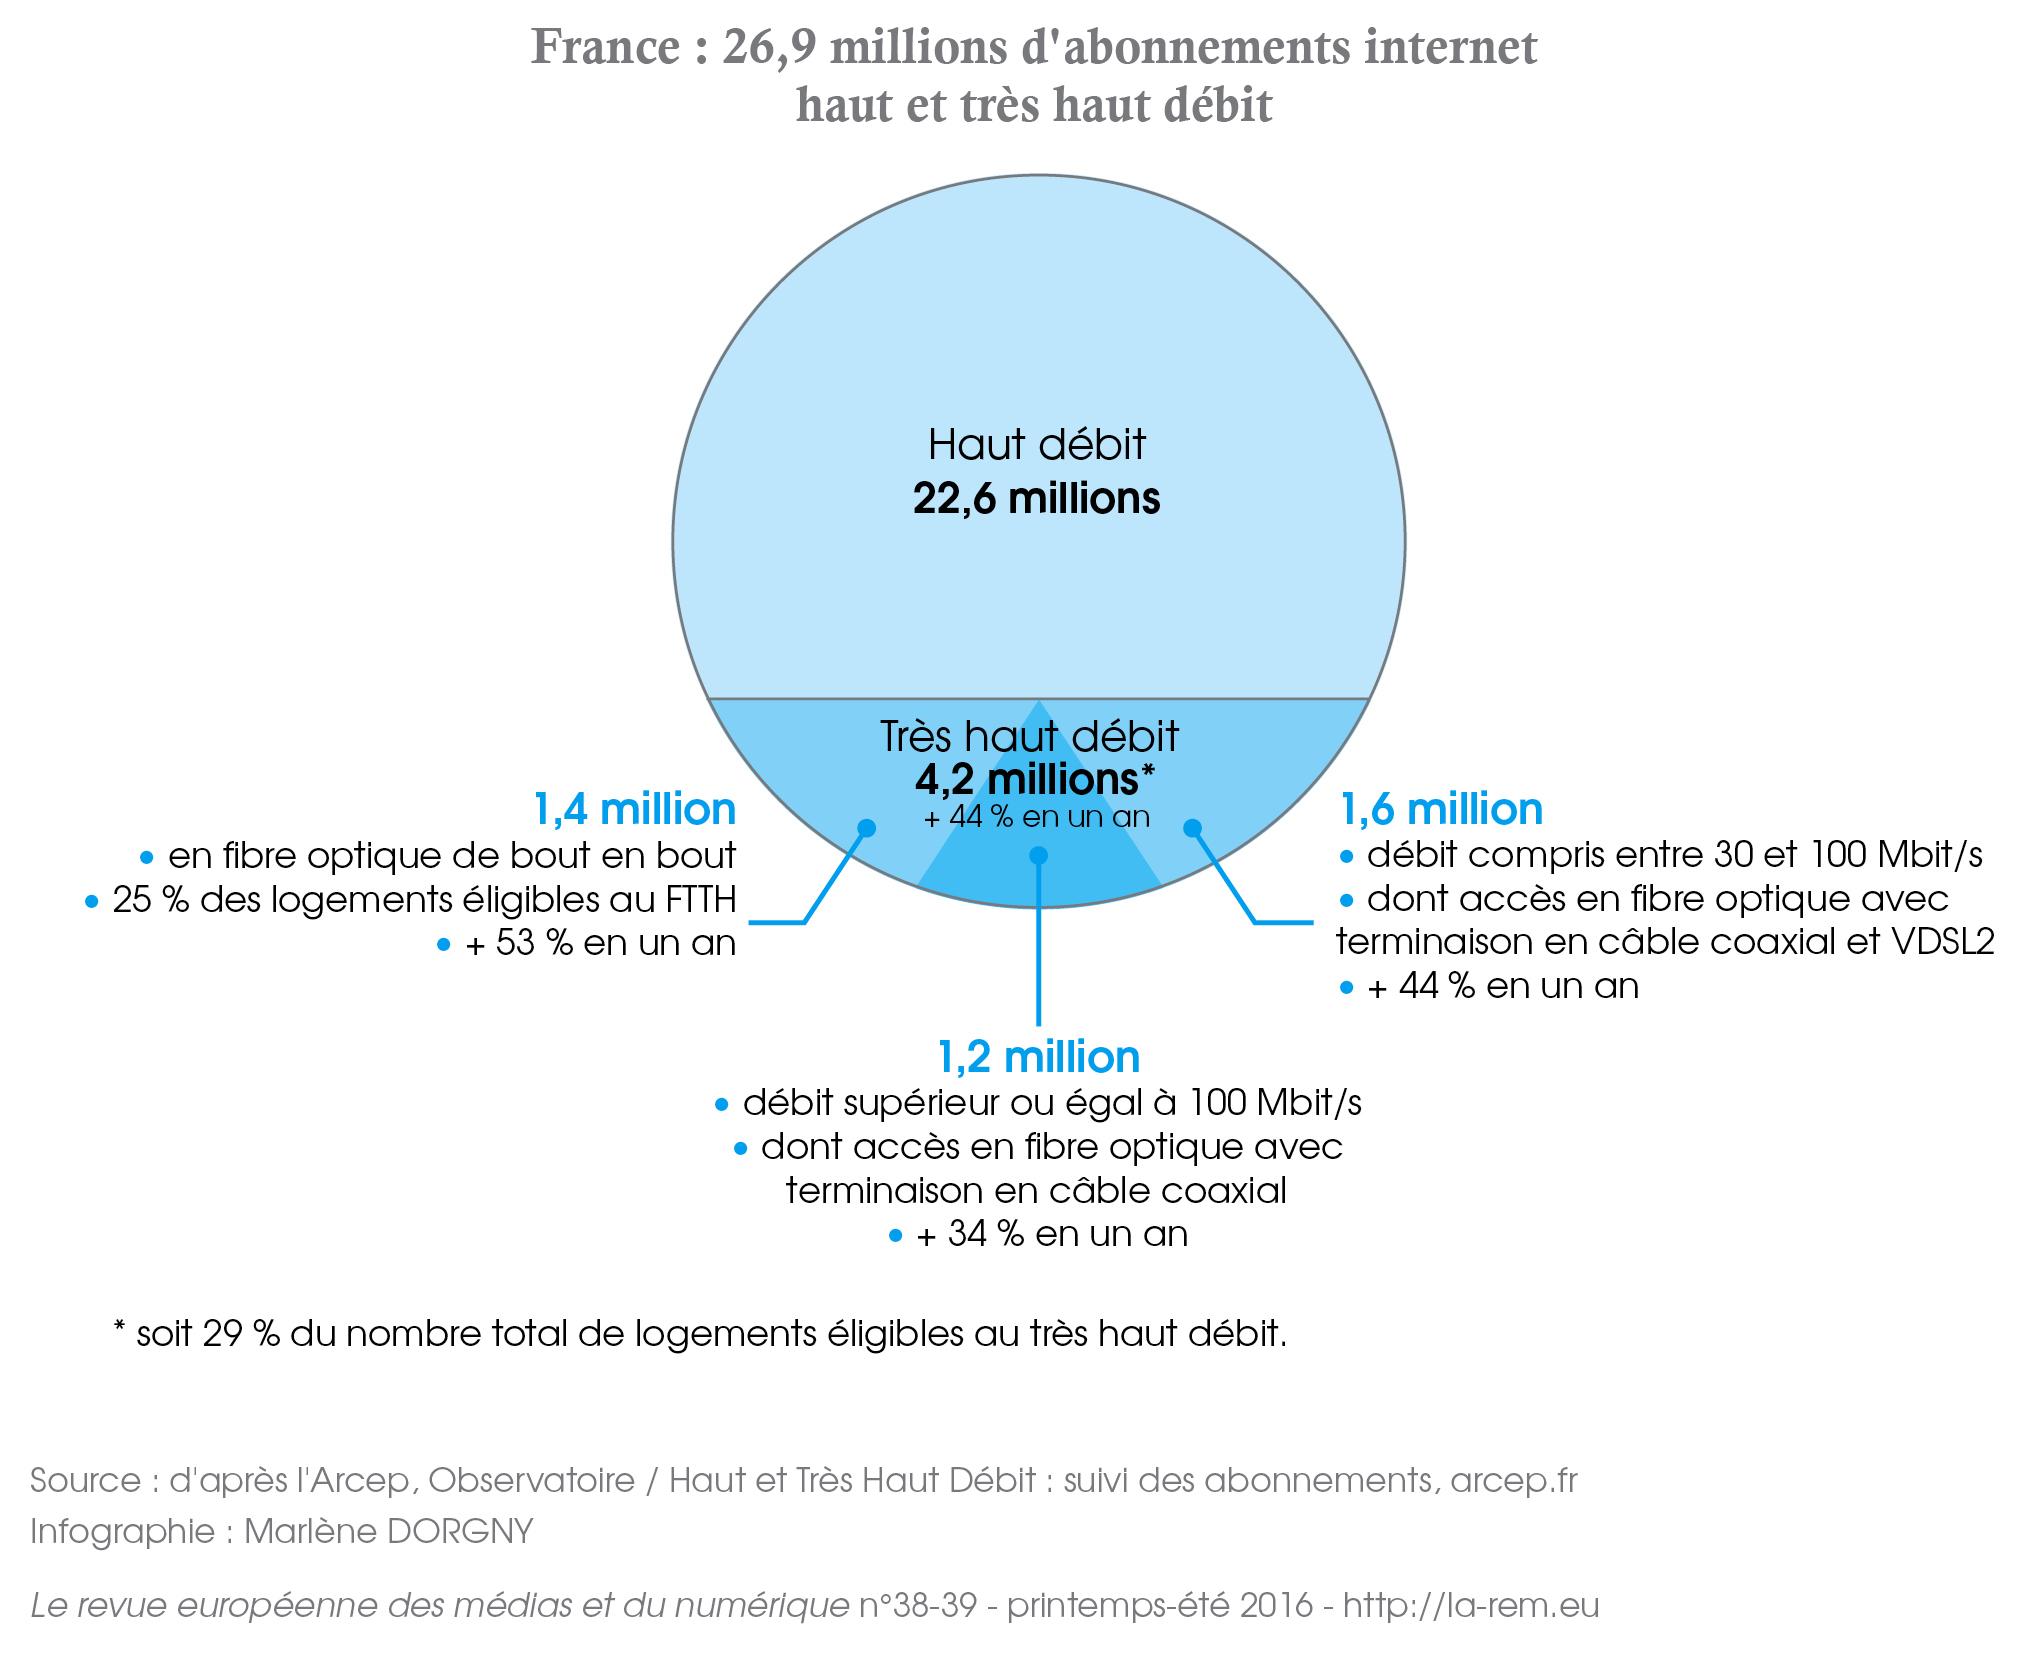 France haut et très haut débit